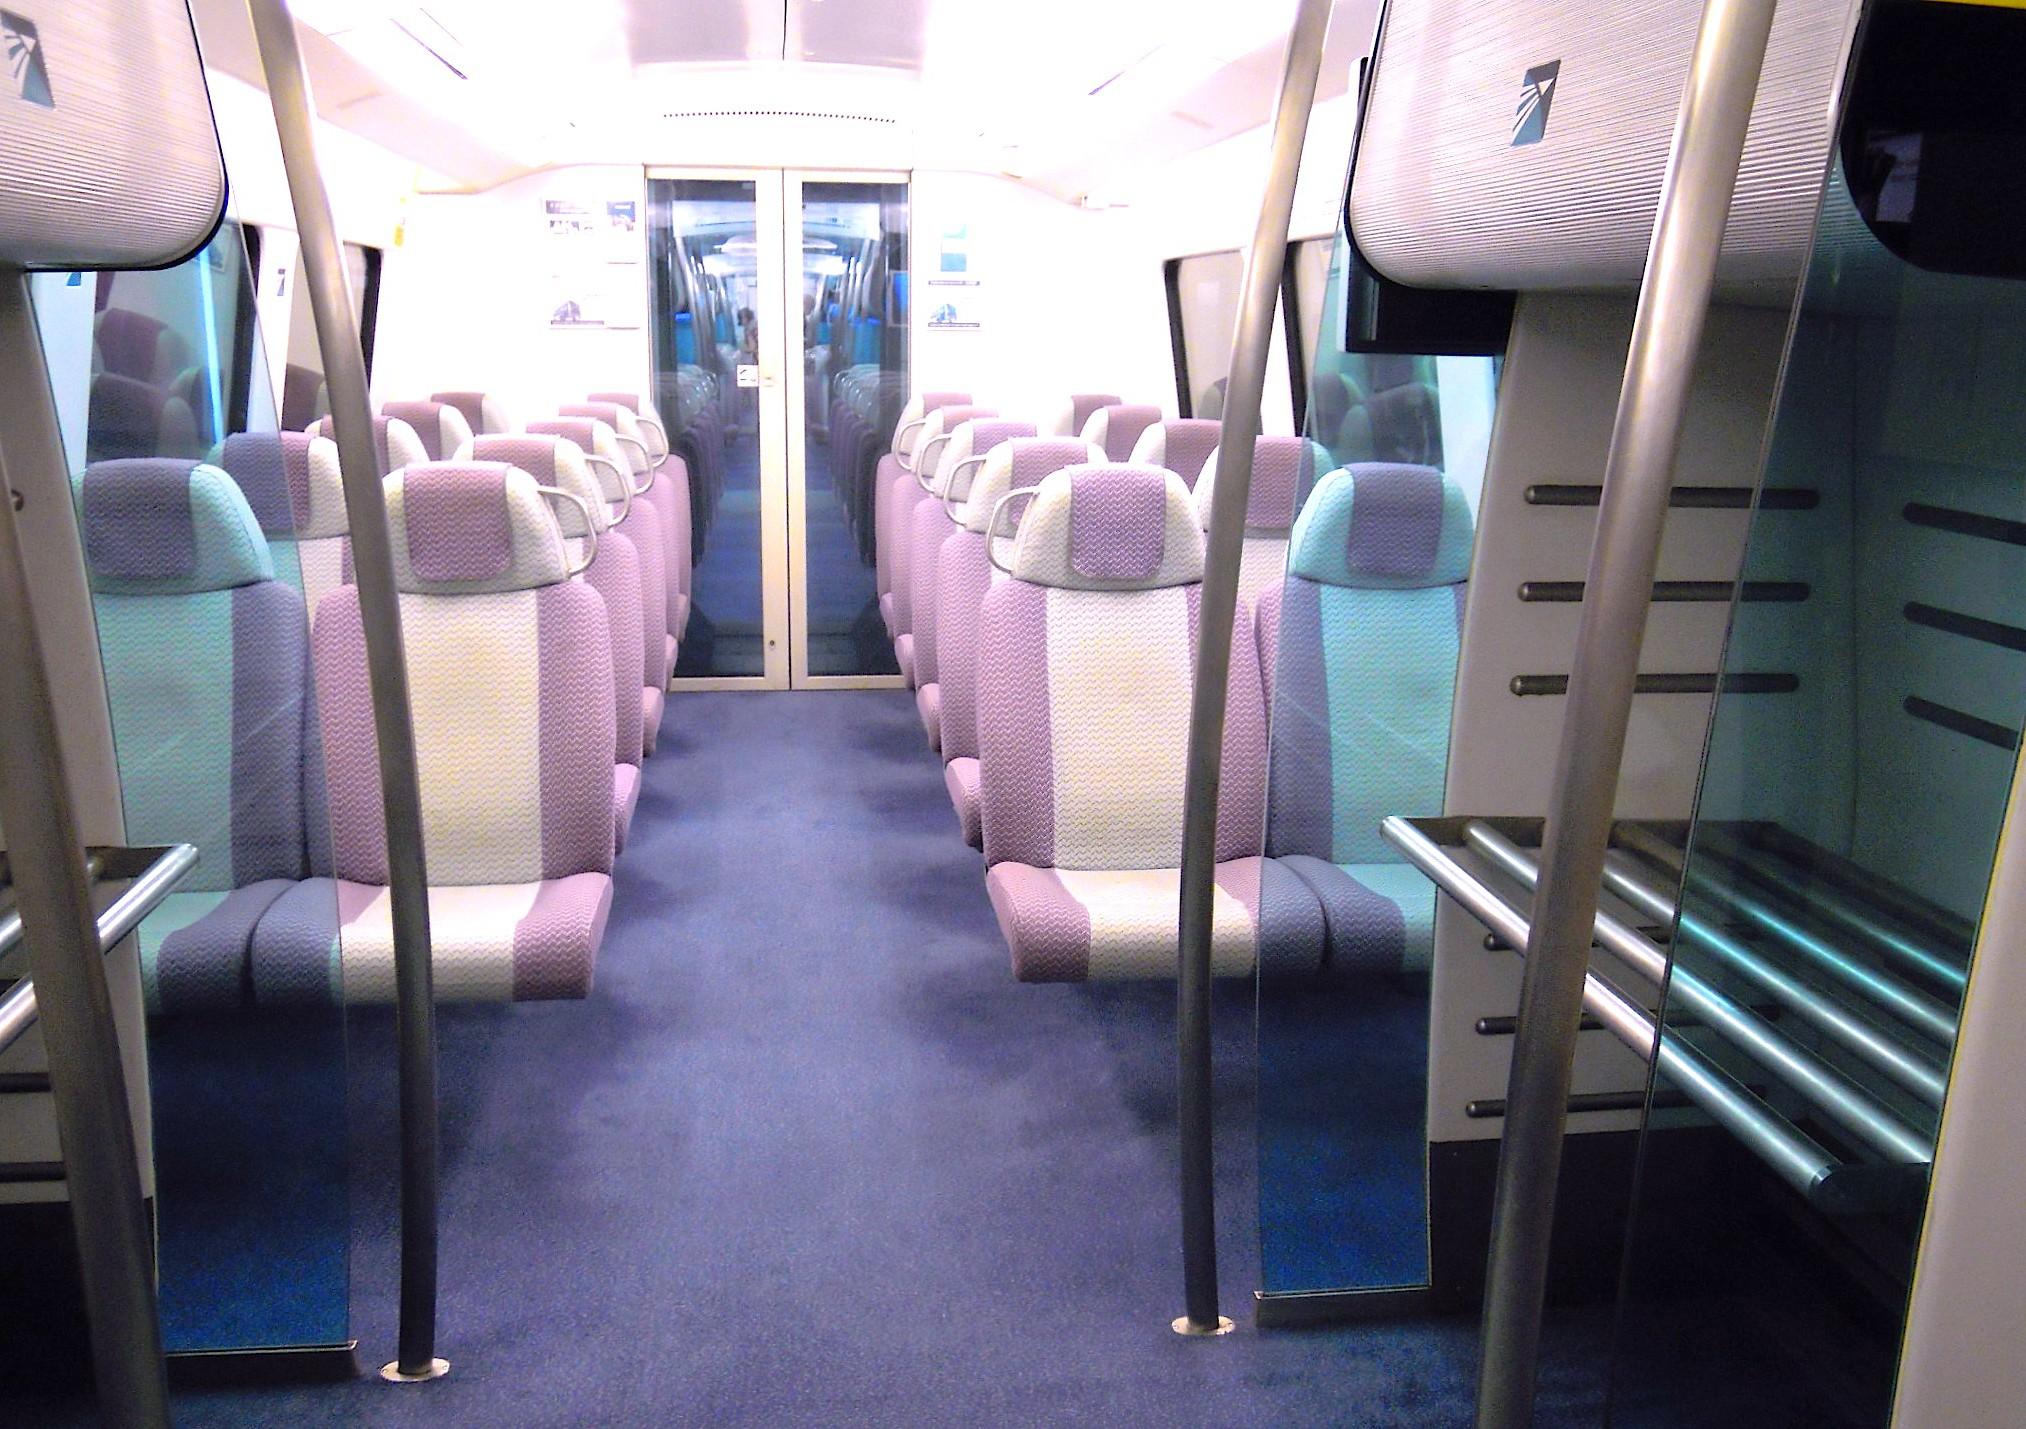 香港空港-移動方法-電車-エアポートエクスプレス-1